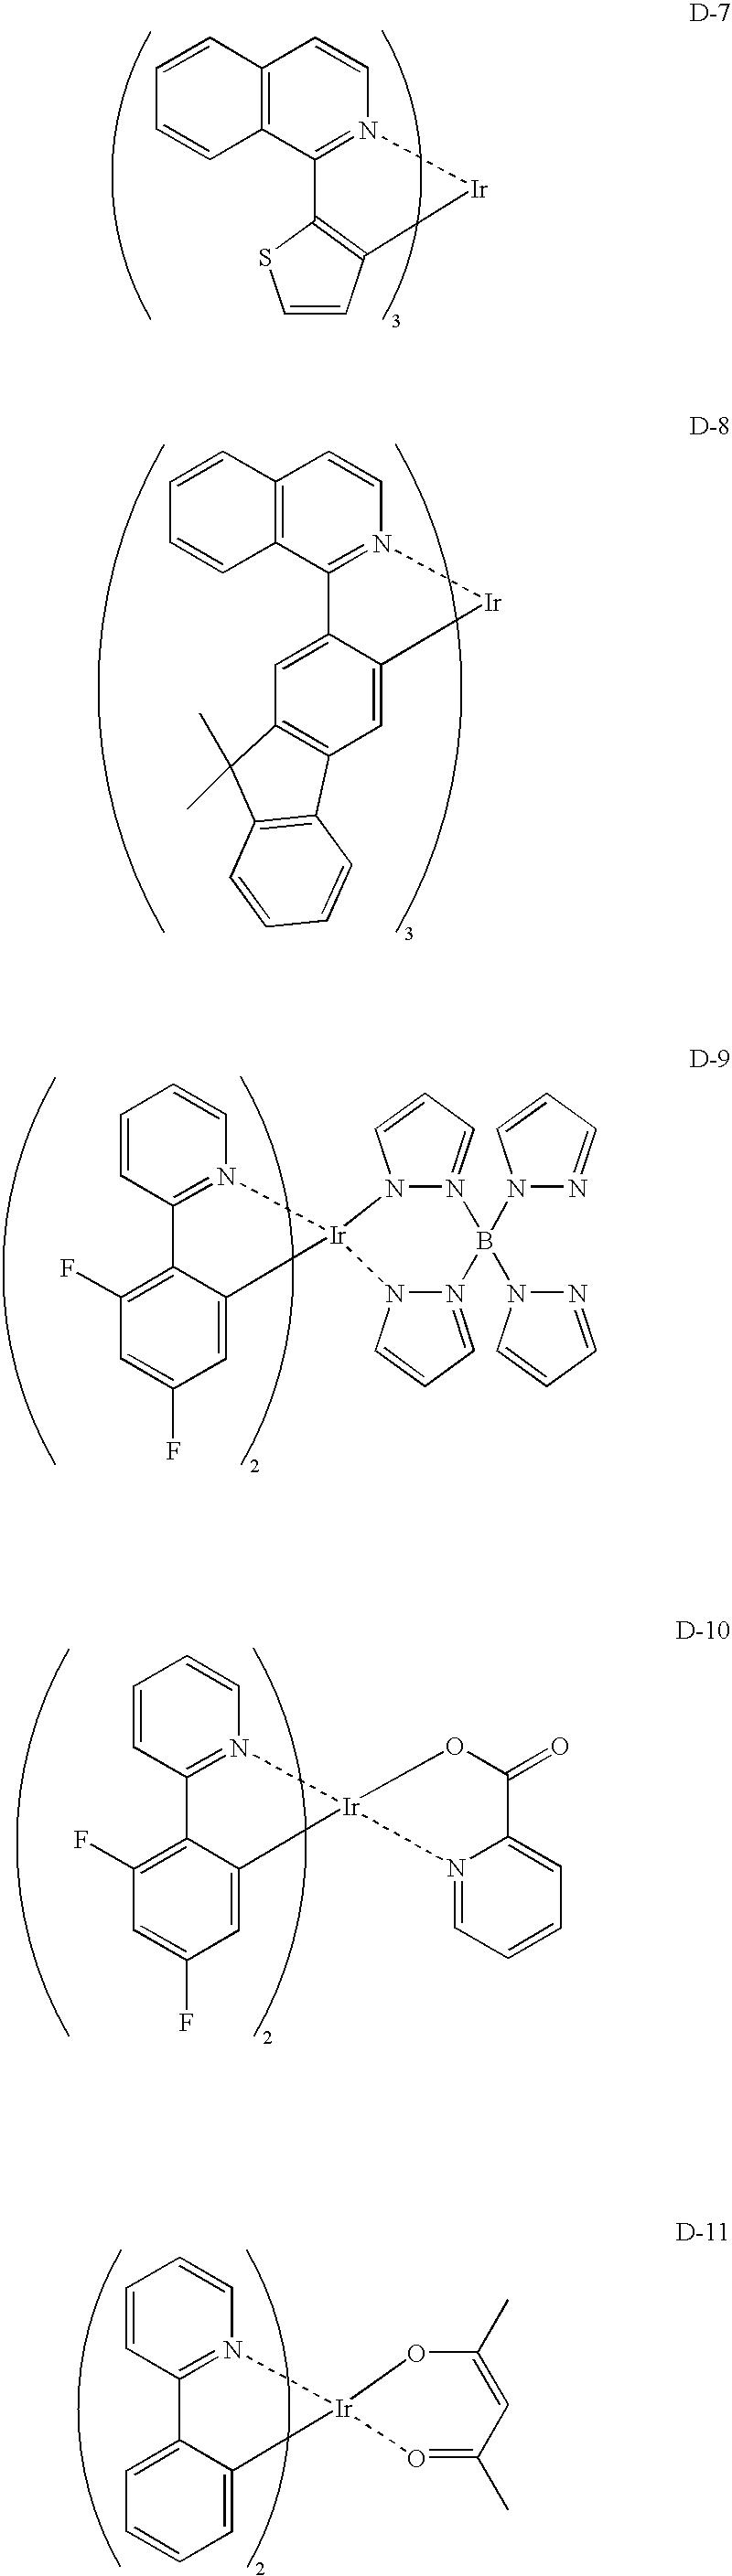 Figure US20060194076A1-20060831-C00002